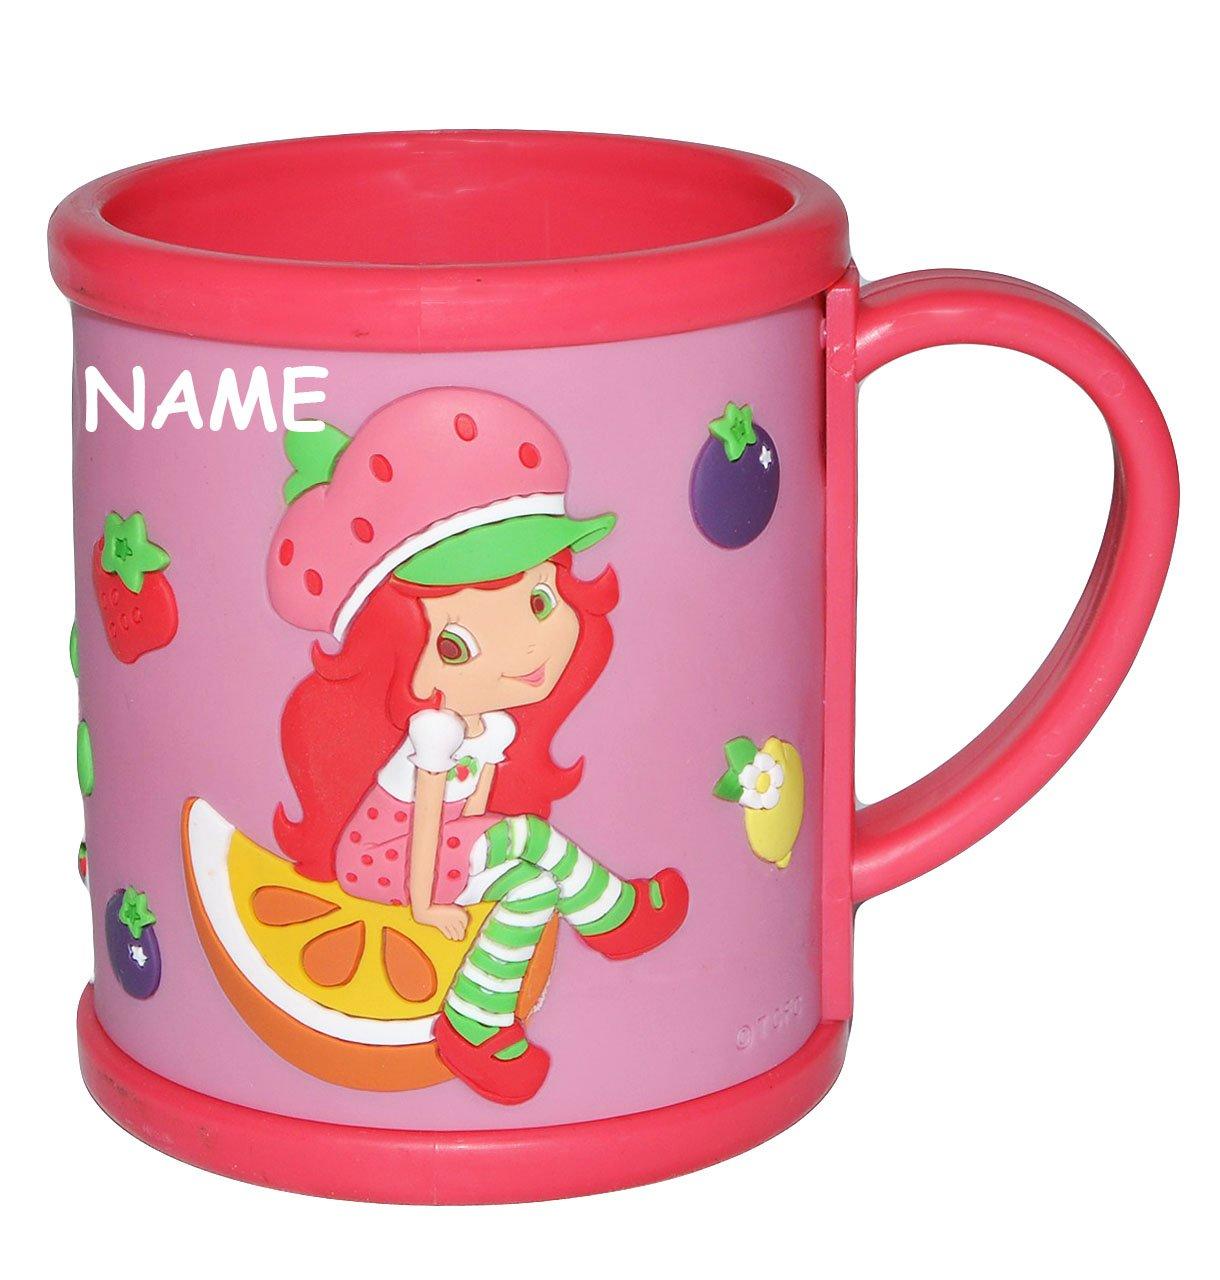 alles-meine.de GmbH Tasse mit Henkel - 3-D Relief - Emily Erdbeer Incl. Namen - Kunststoff / Plastik - Kindertasse Becher Plastiktasse Tassen - Mädchen Erdbeere Frucht Puppe - für Kinder